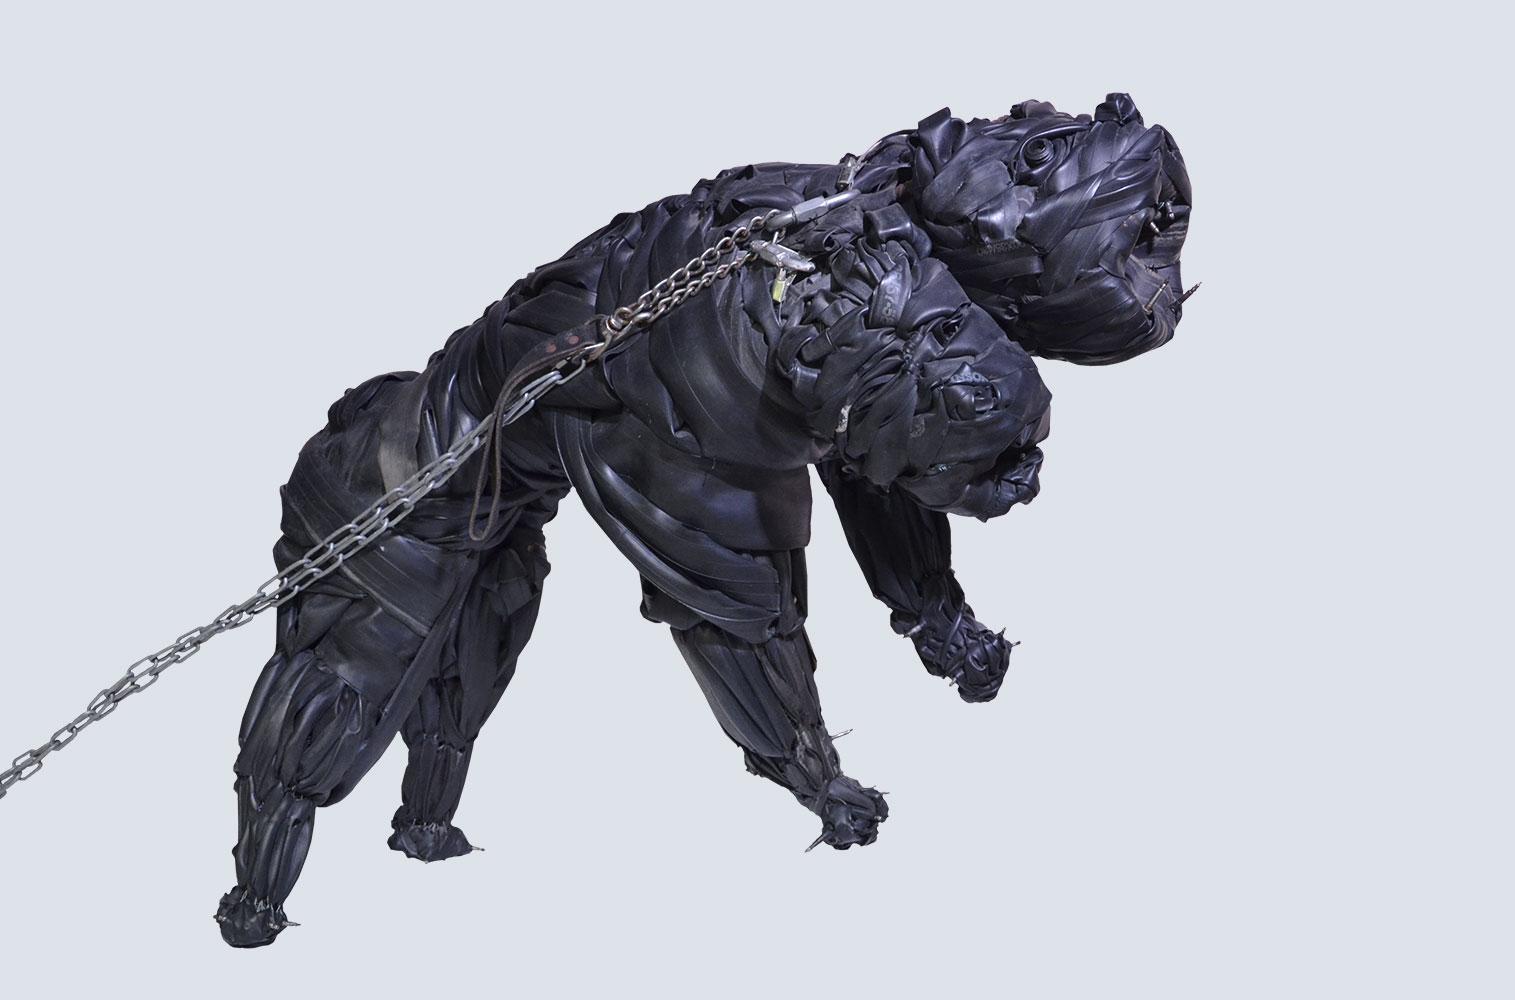 2-headed dog